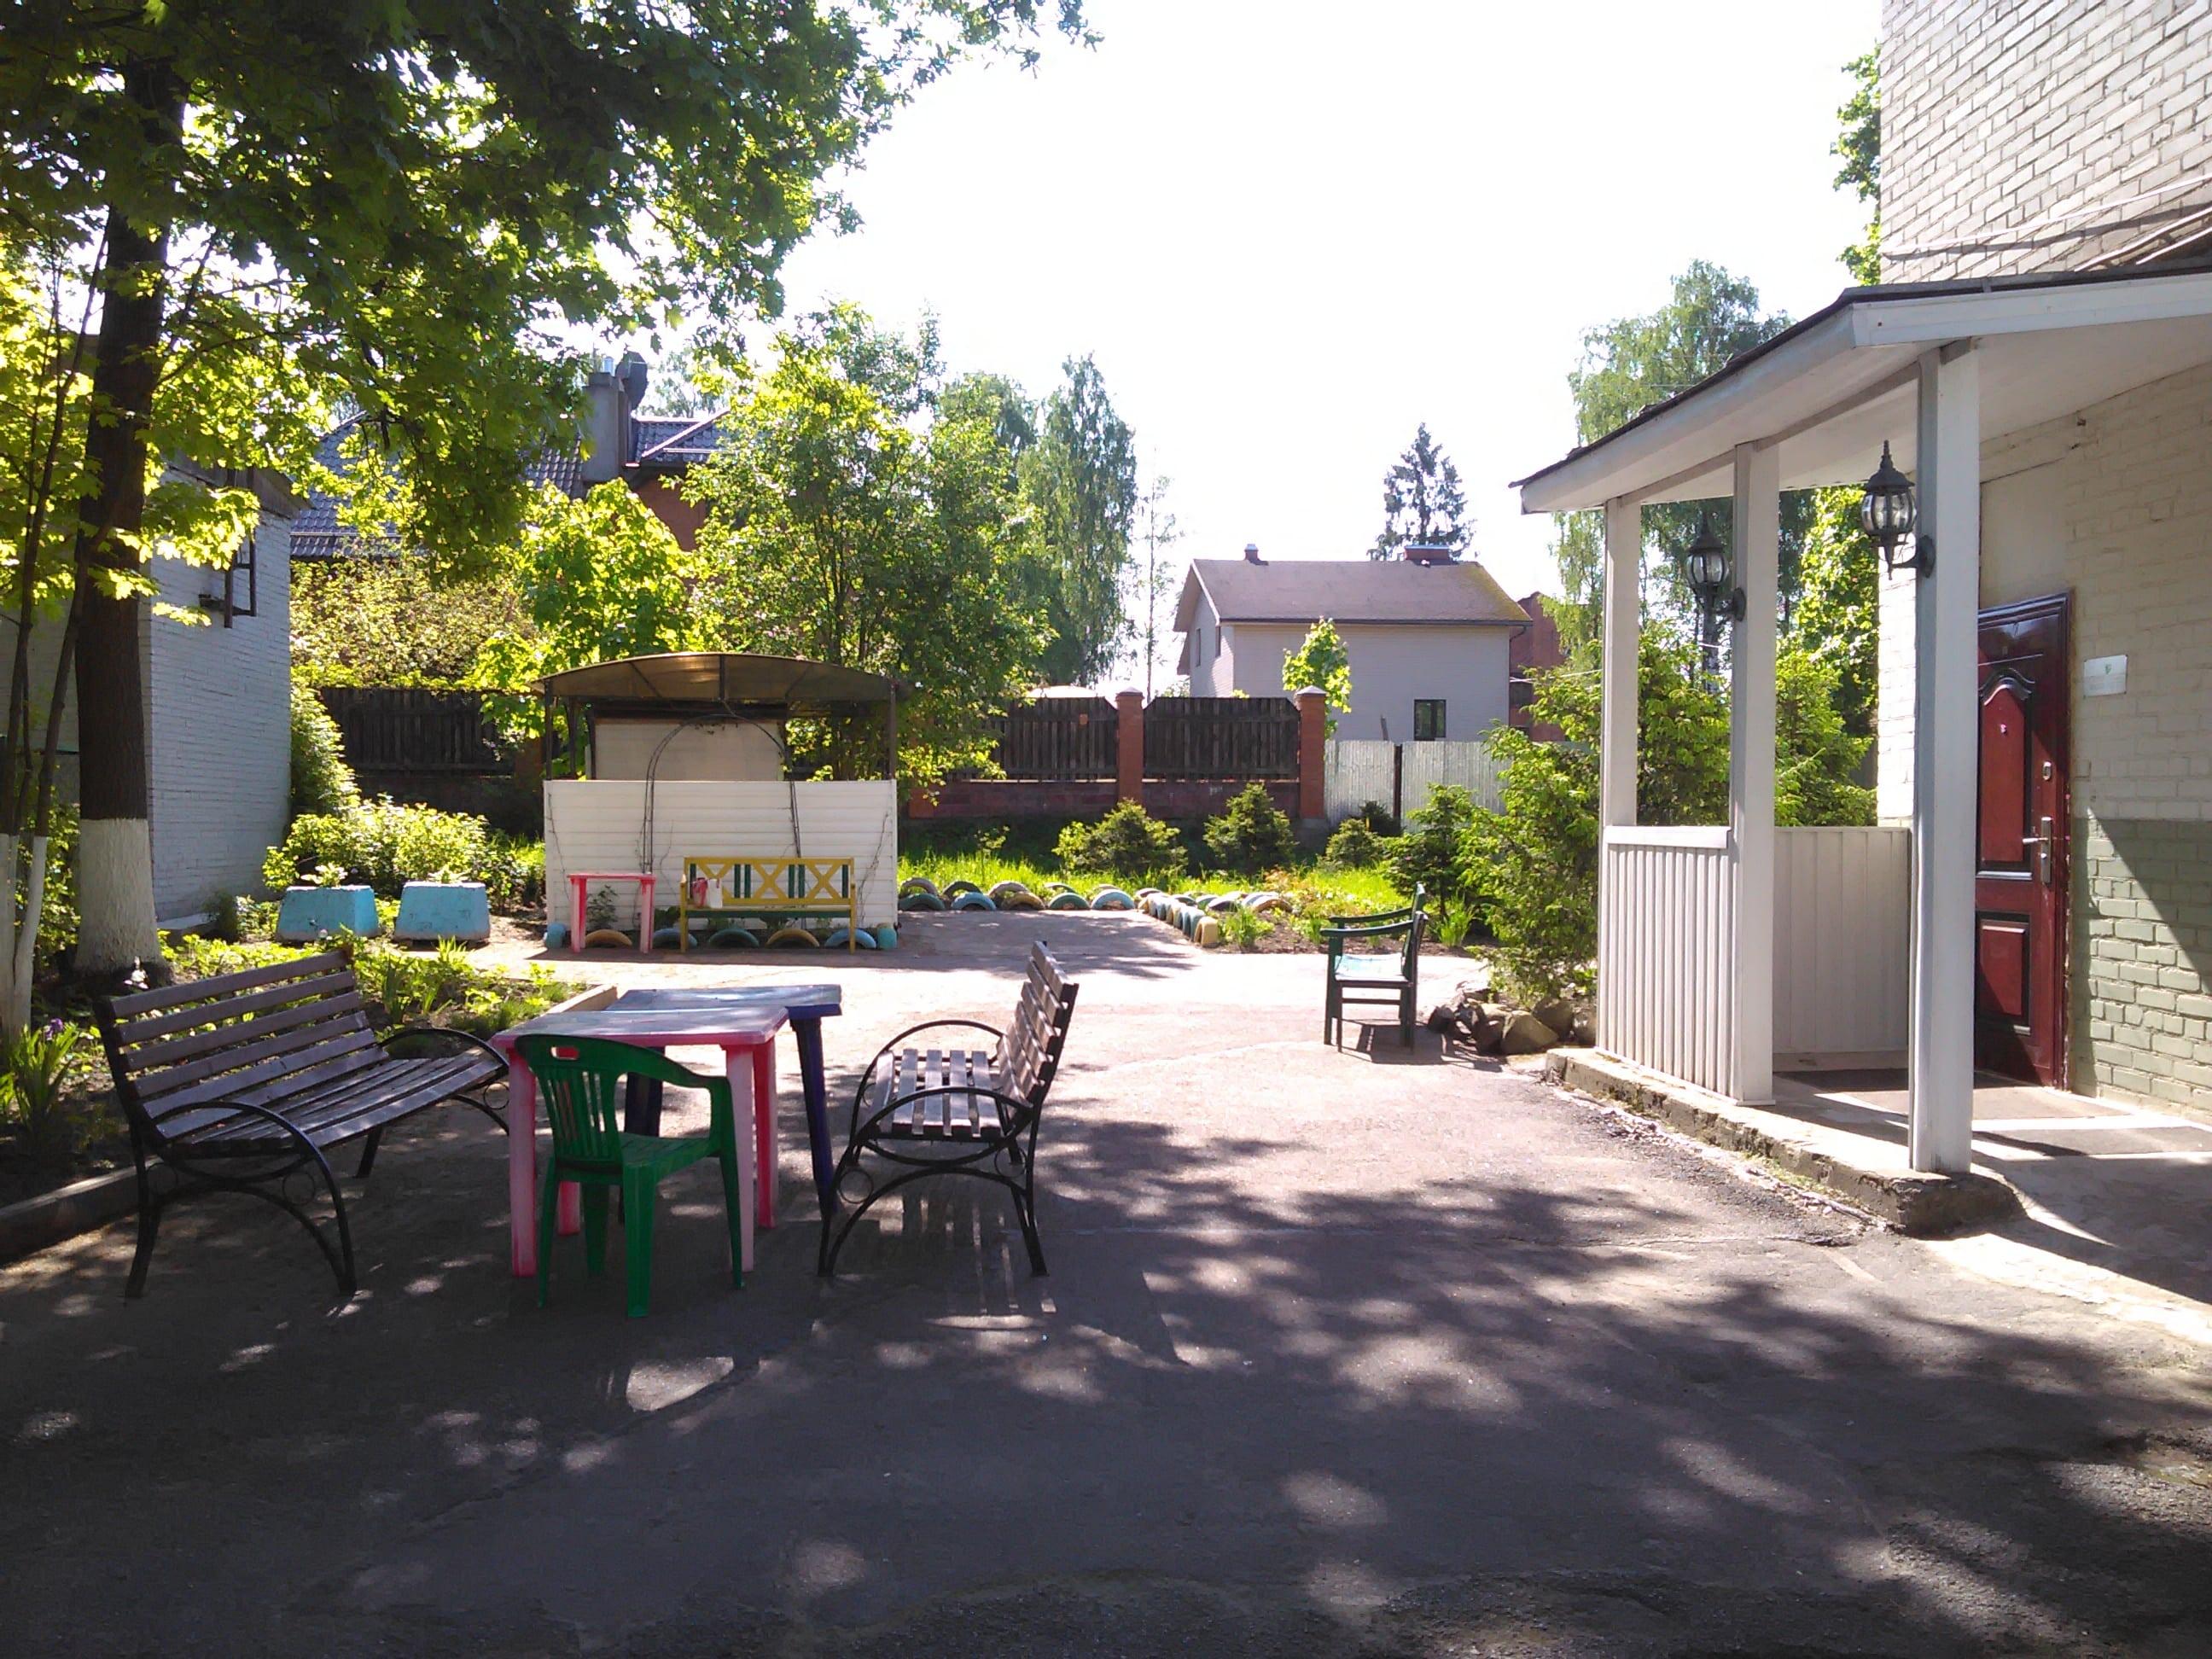 Дом престарелых в санкт петербурге и пригороде управляющий пансионатом для пожилых